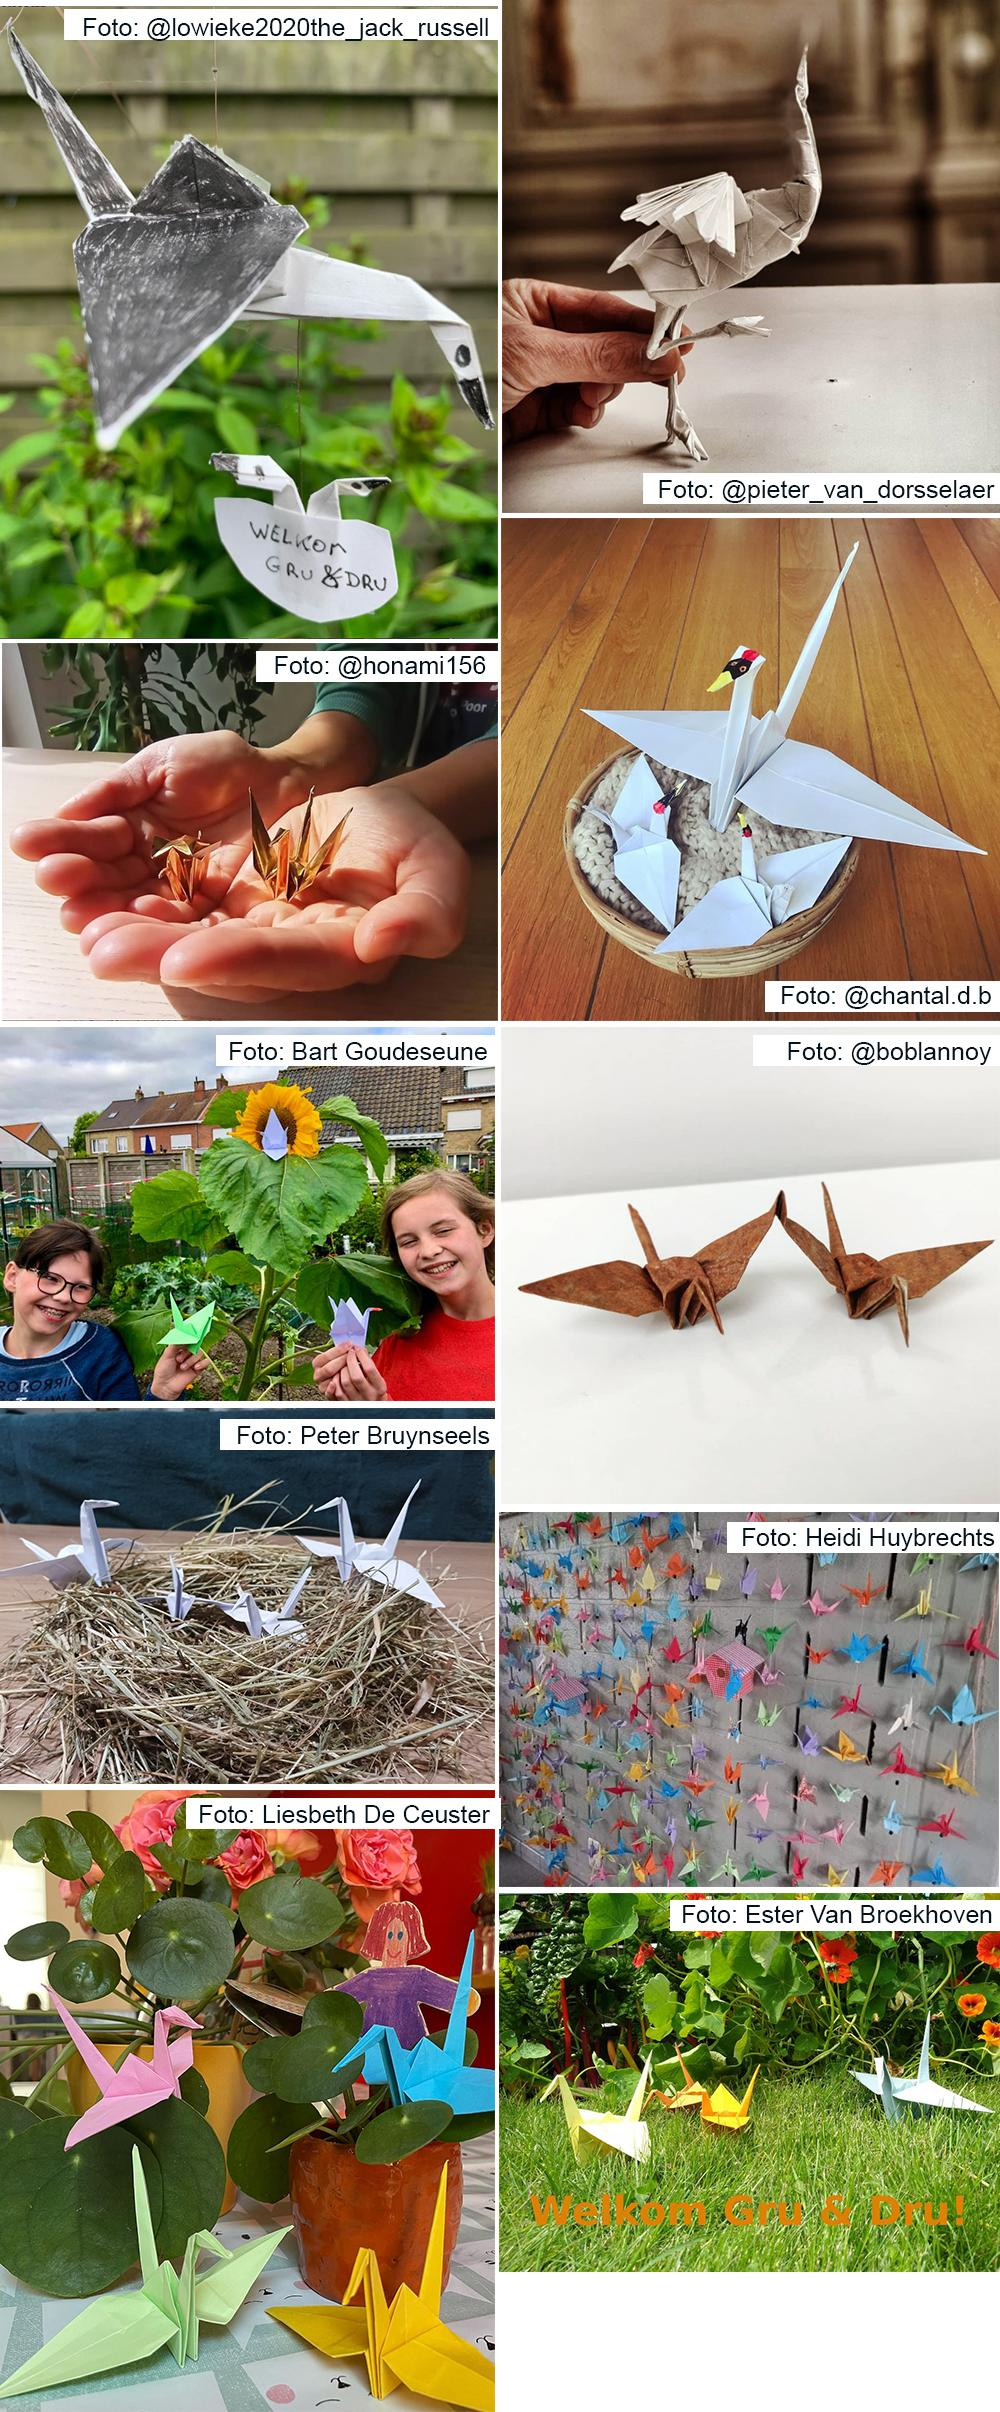 Winnaars origami wedstrijd kraanvogels Gru & Dru - Natuurpunt